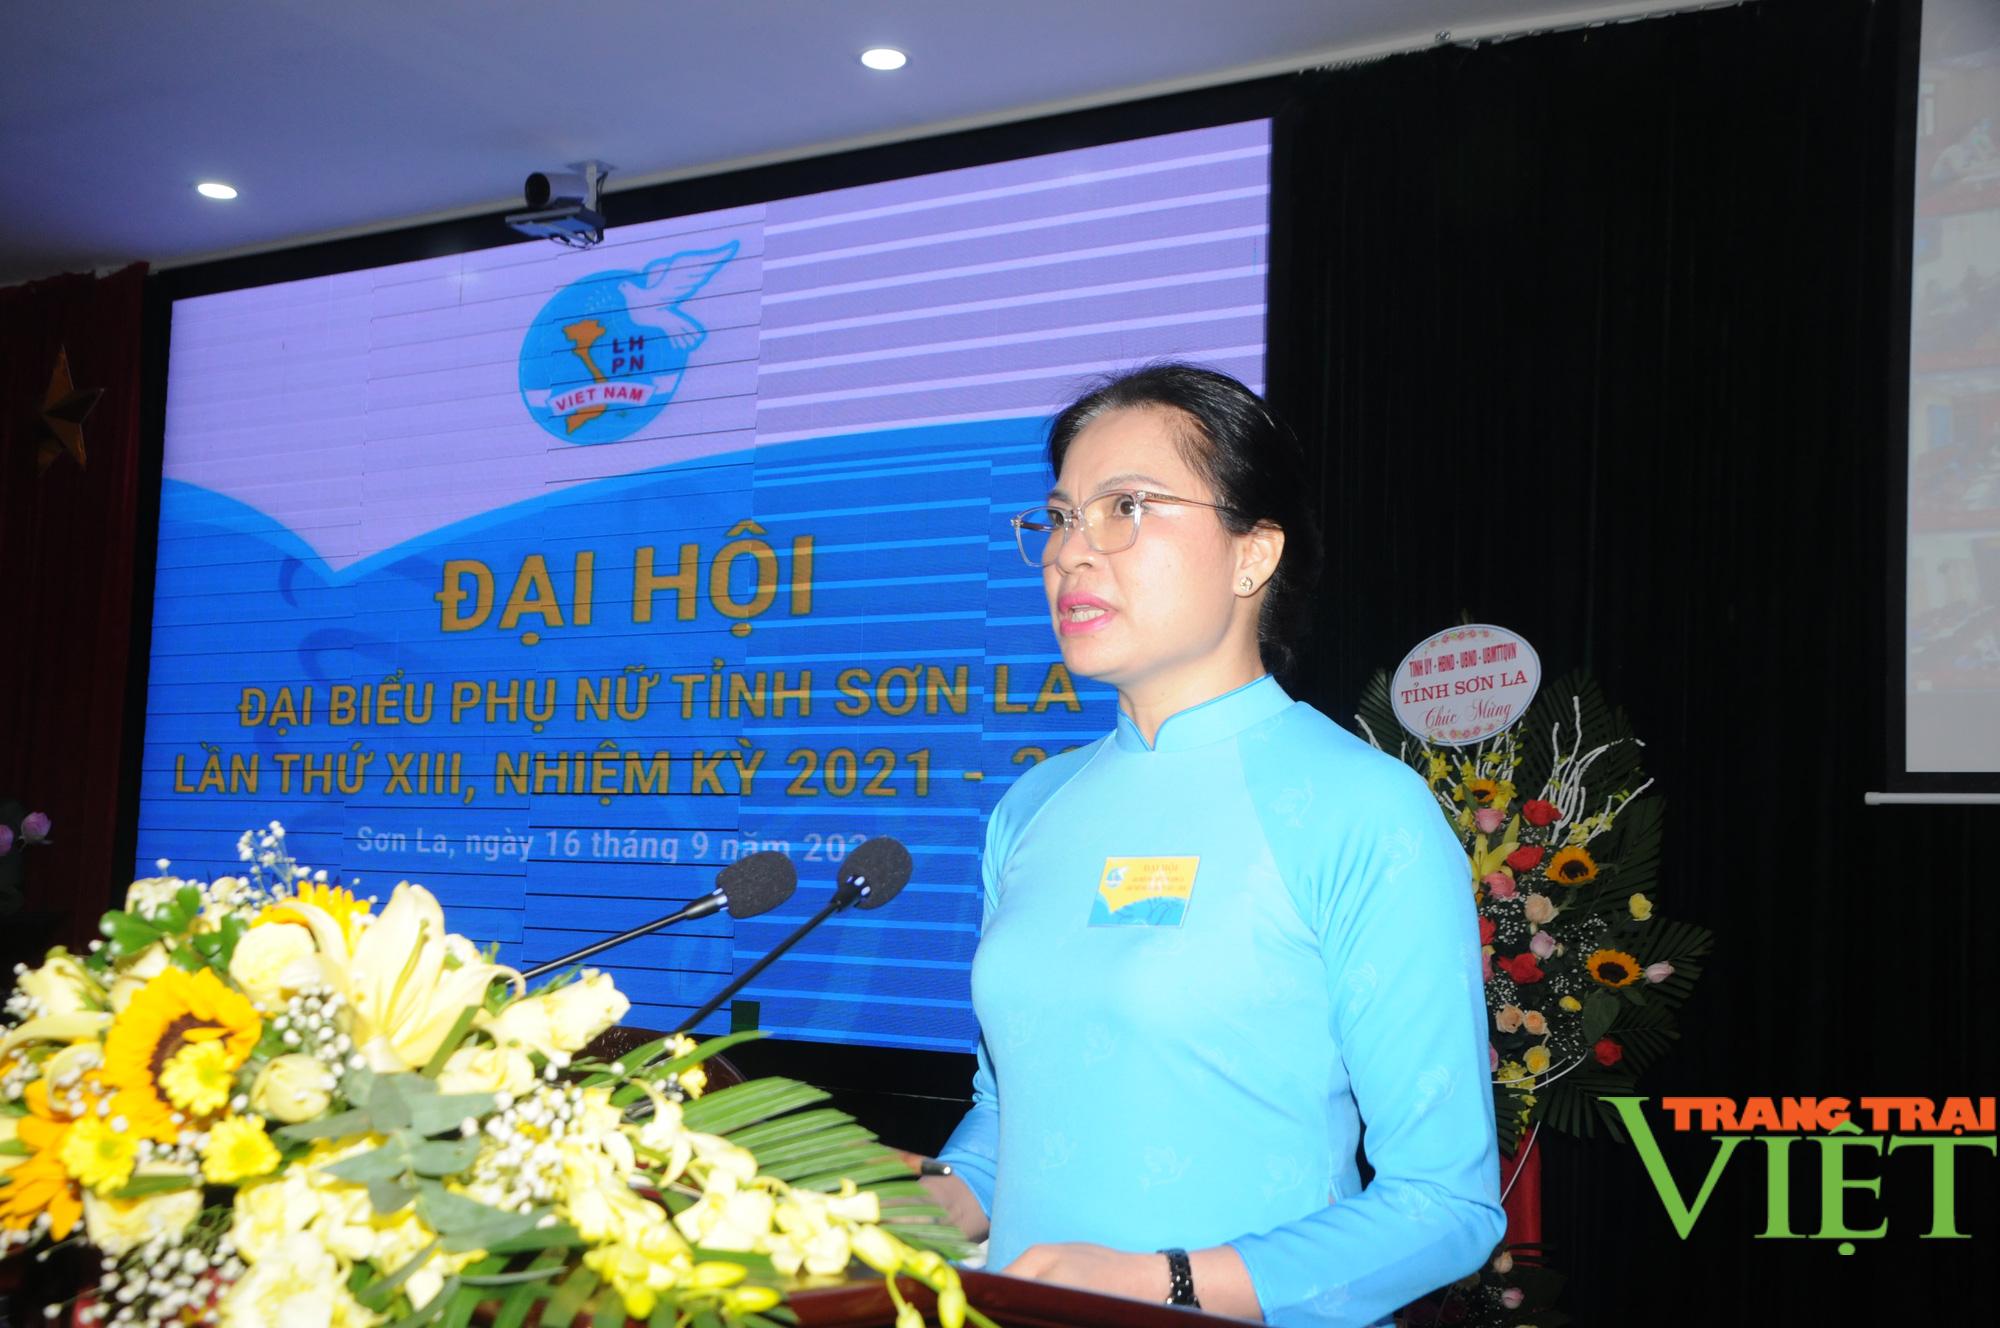 Hội Liên hiệp Phụ nữ tỉnh Sơn La: Giúp hơn 2.000 hộ nghèo thoát nghèo - Ảnh 4.